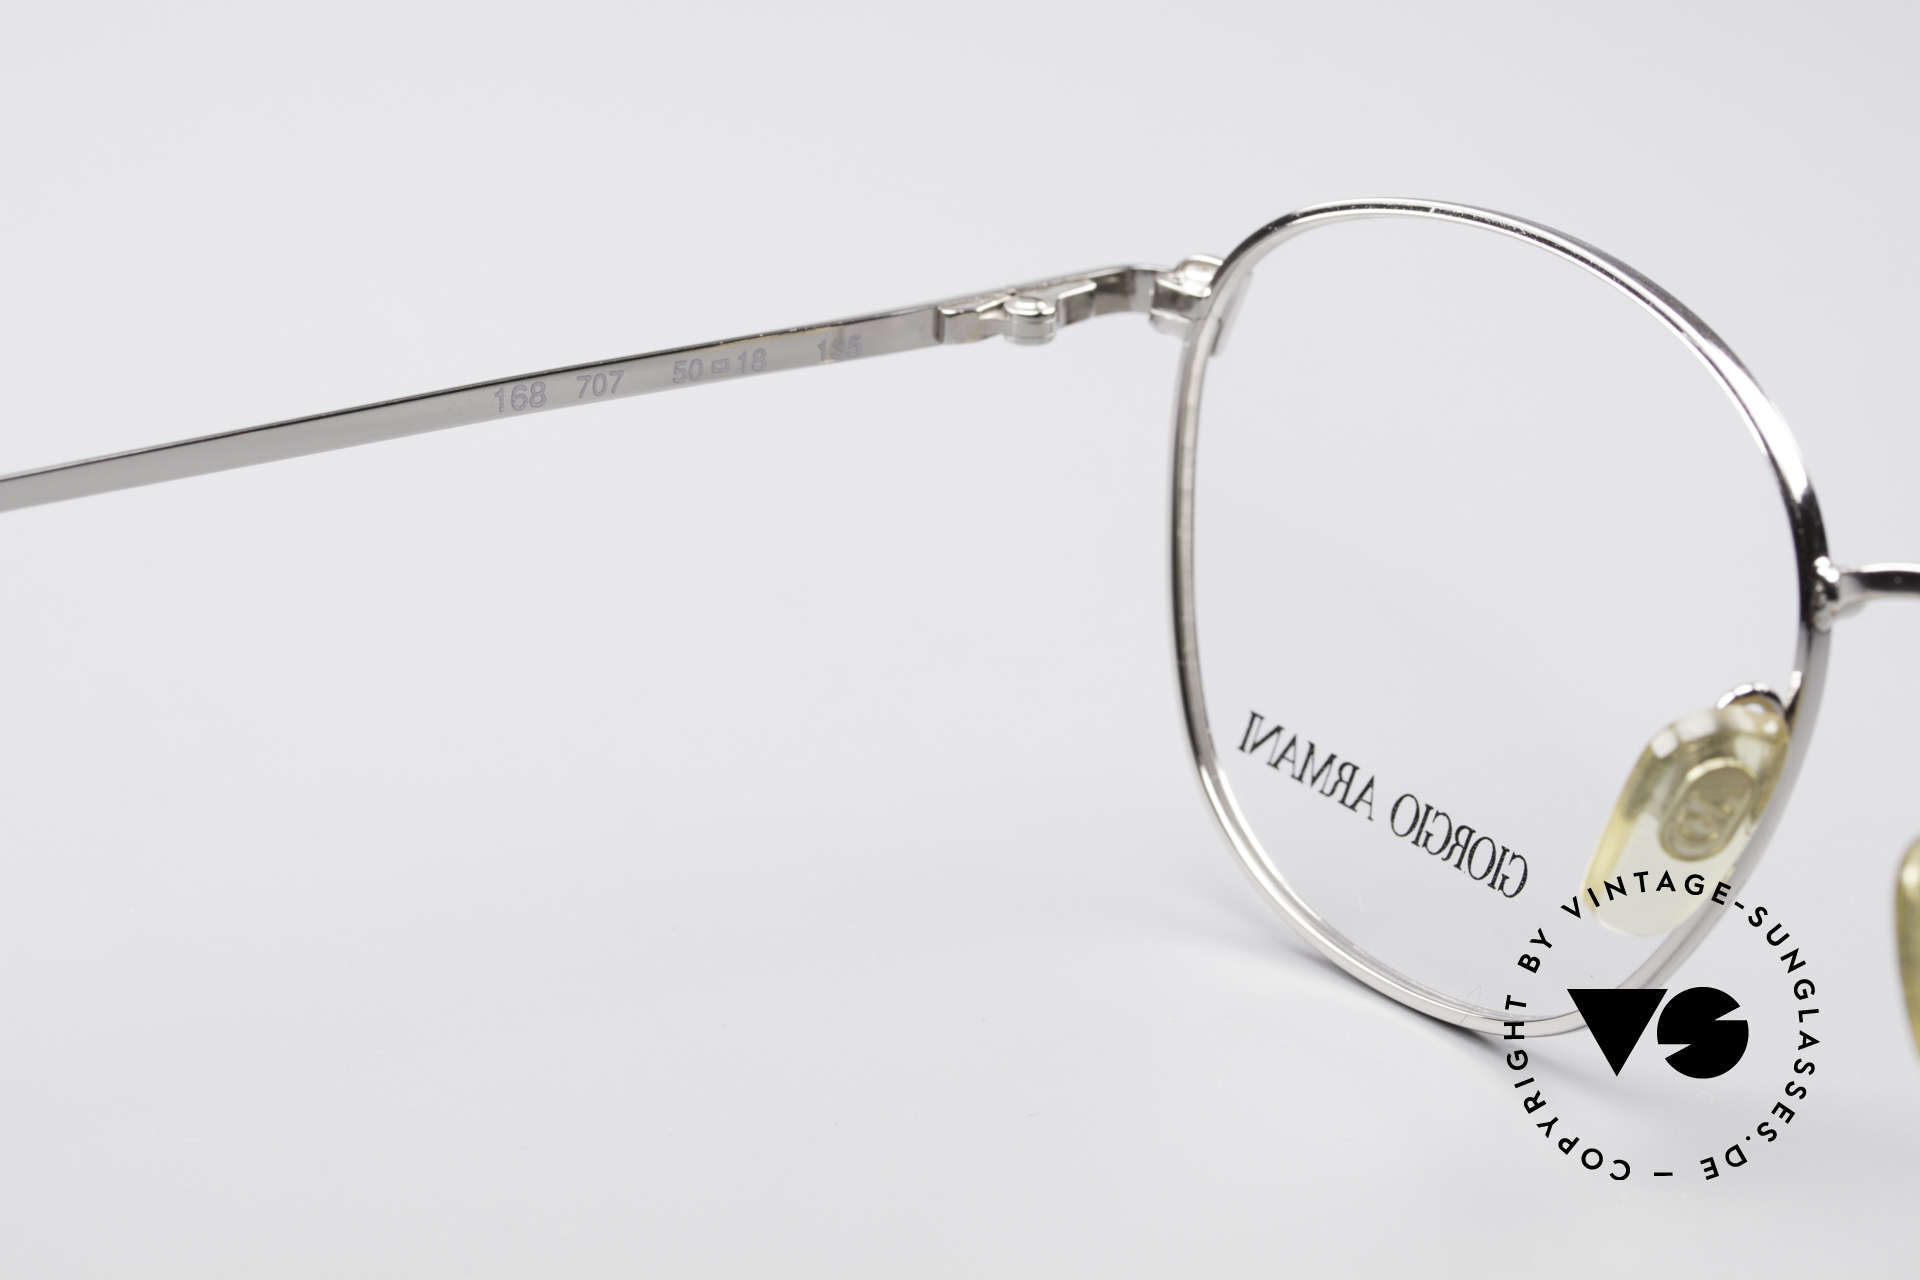 Giorgio Armani 168 Men's Vintage Eyeglasses 80's, frame fits optical lenses or sun lenses optionally, Made for Men